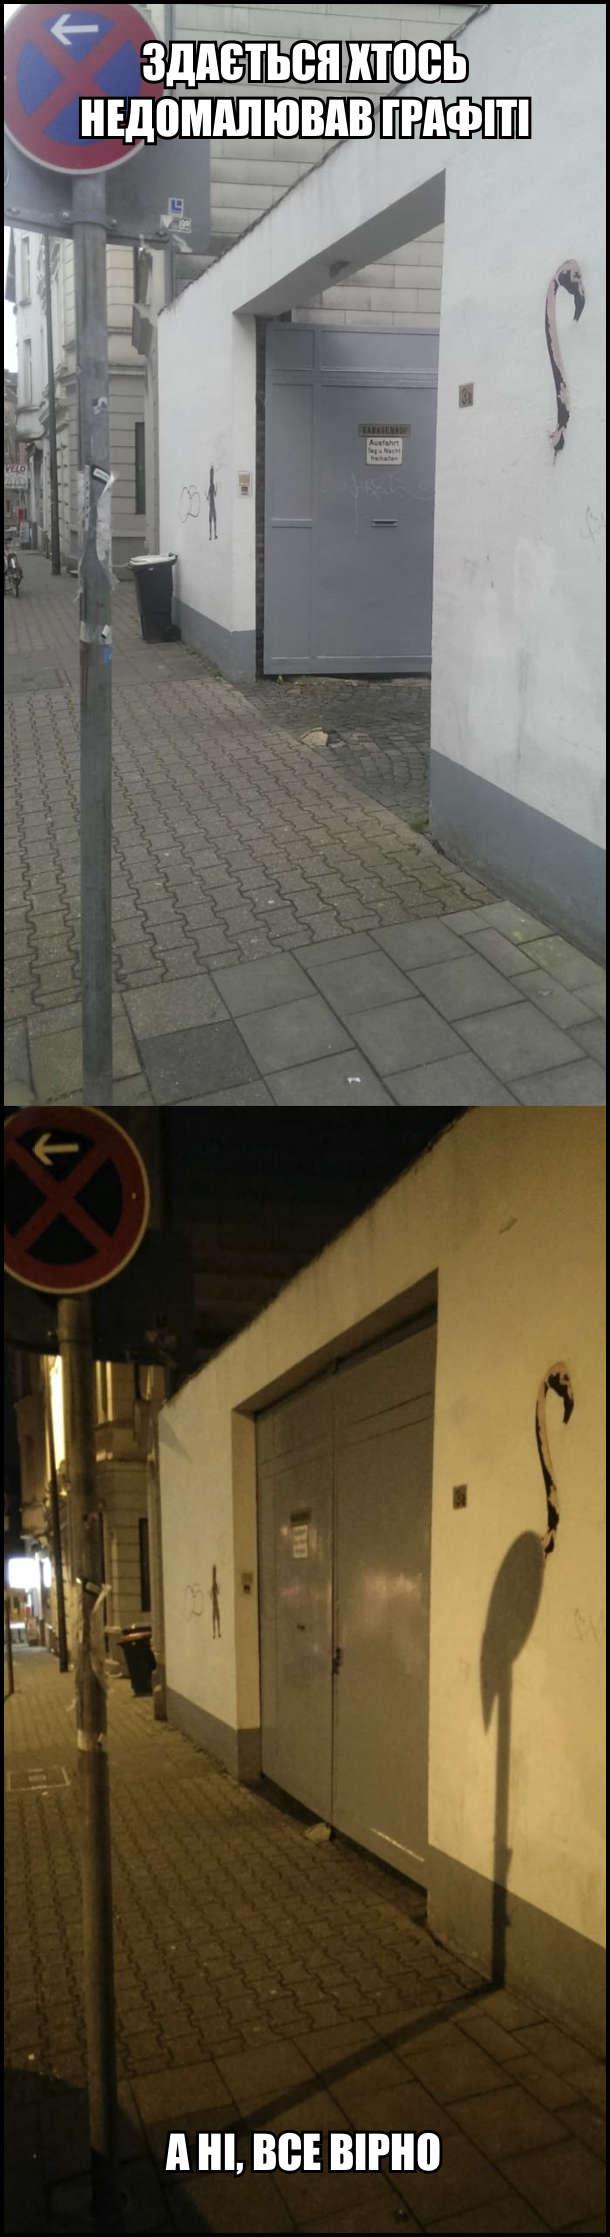 Здається хтось недомалював графіті: намальована лише шия фламінго. А ні, все вірно: Вночі від вуличного ліхтаря падає тінь і утворює тіло фламінго